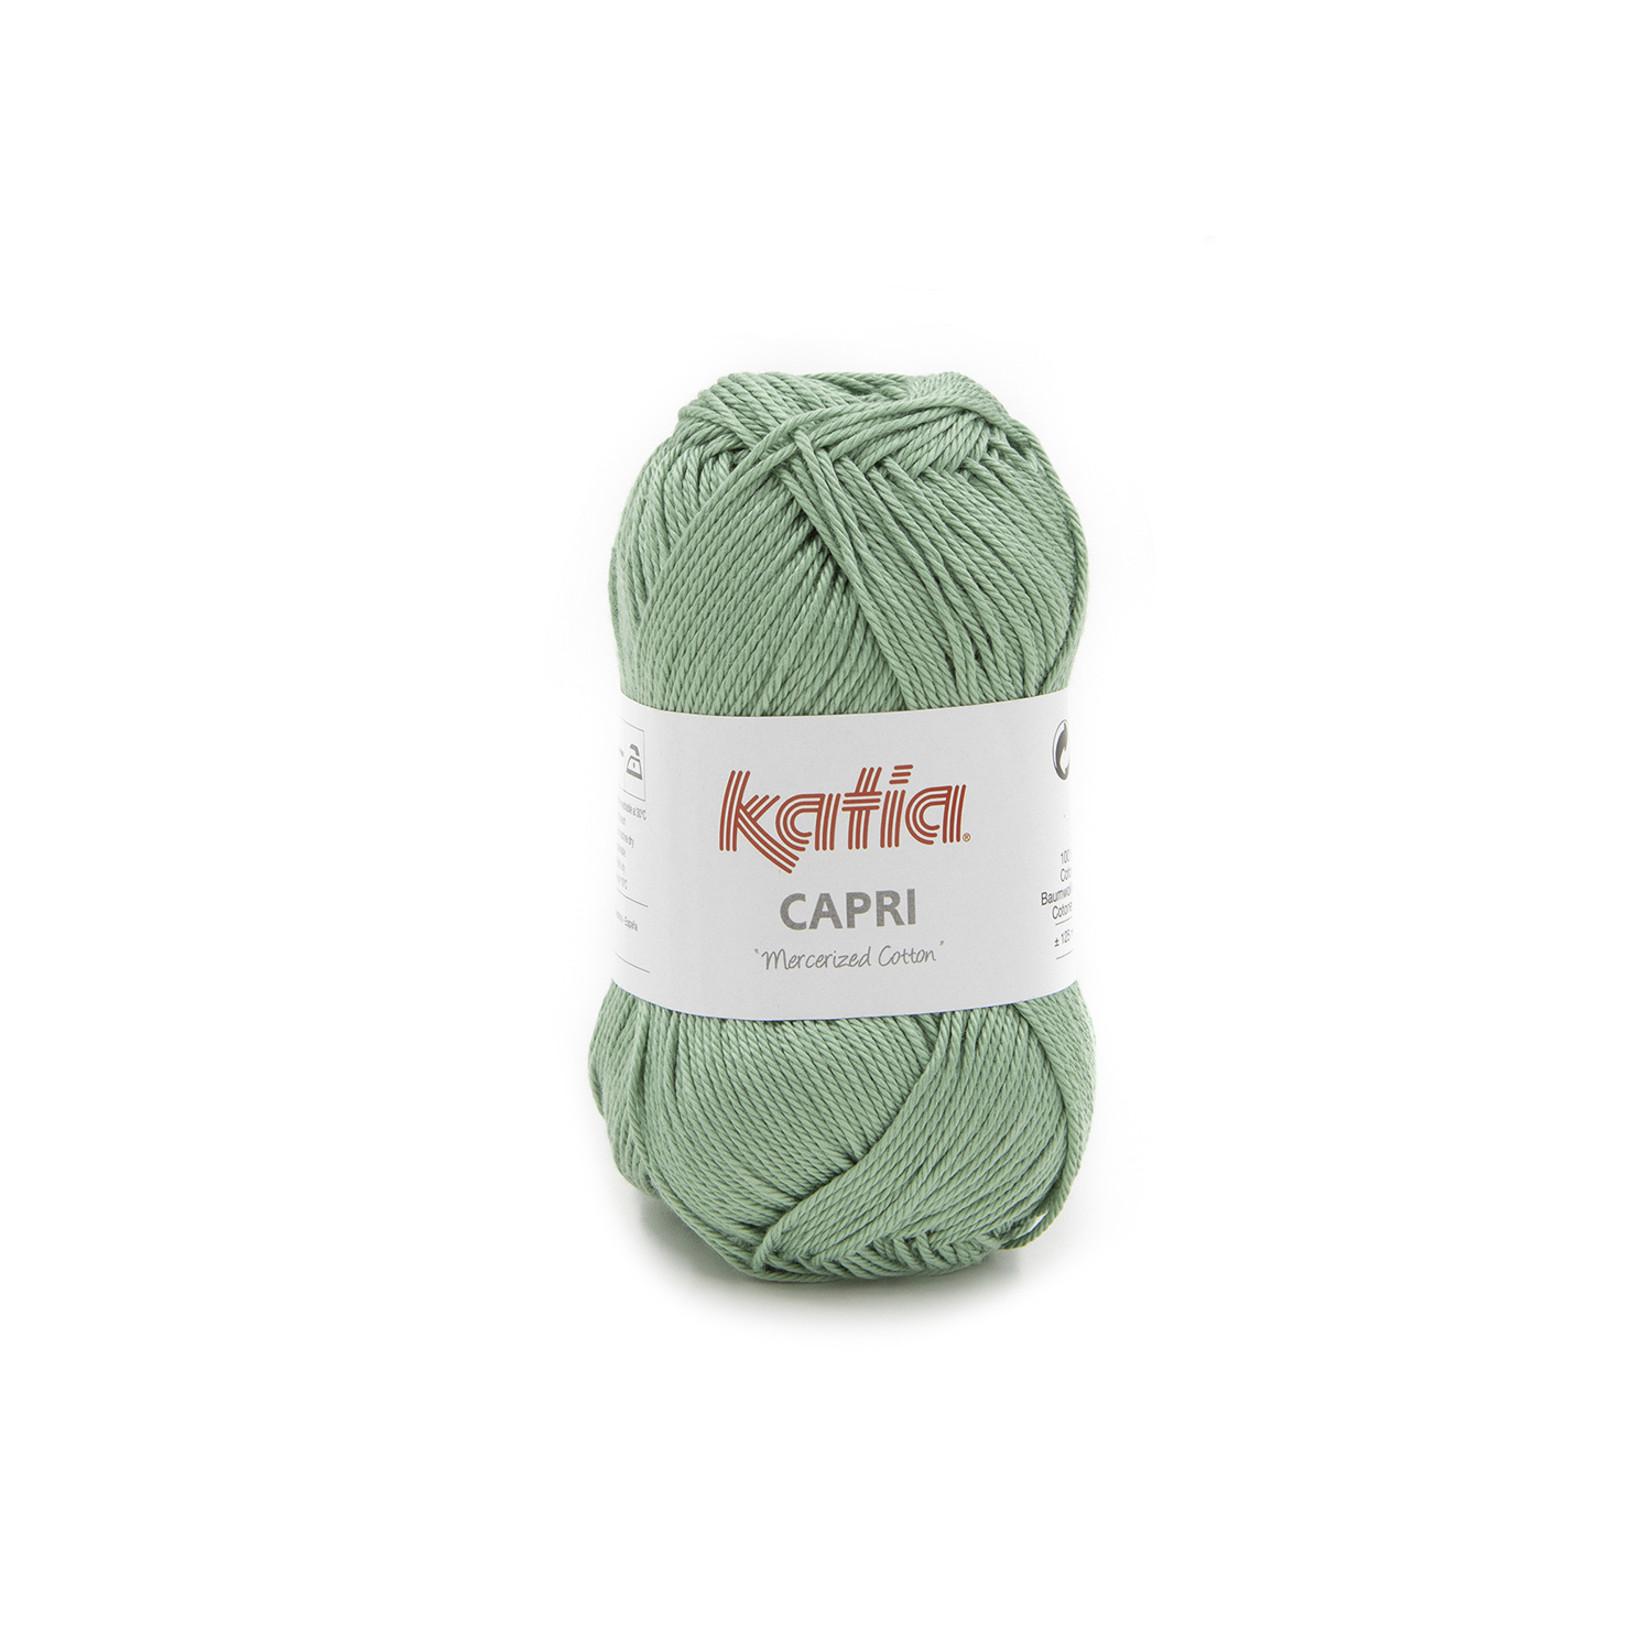 Katia Katia Capri - kleur 177 Mintgroen- 50 gr. = 125 m. - 100% katoen